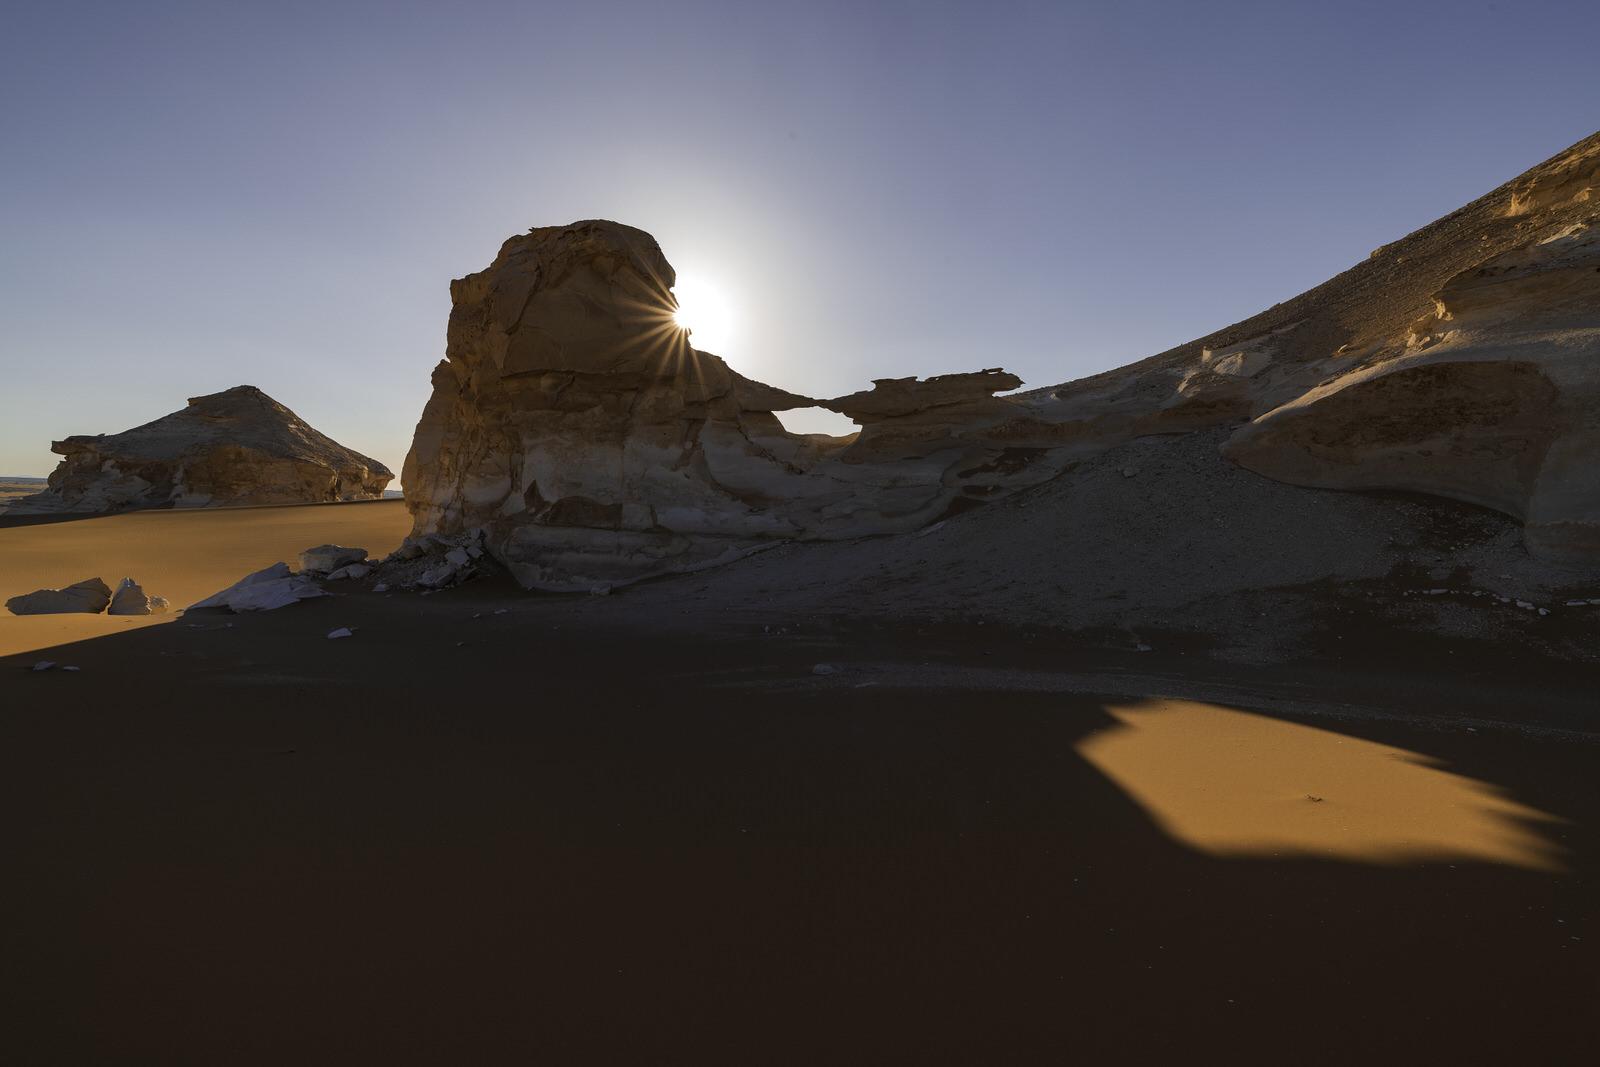 Sunset at the western desert, Egypt